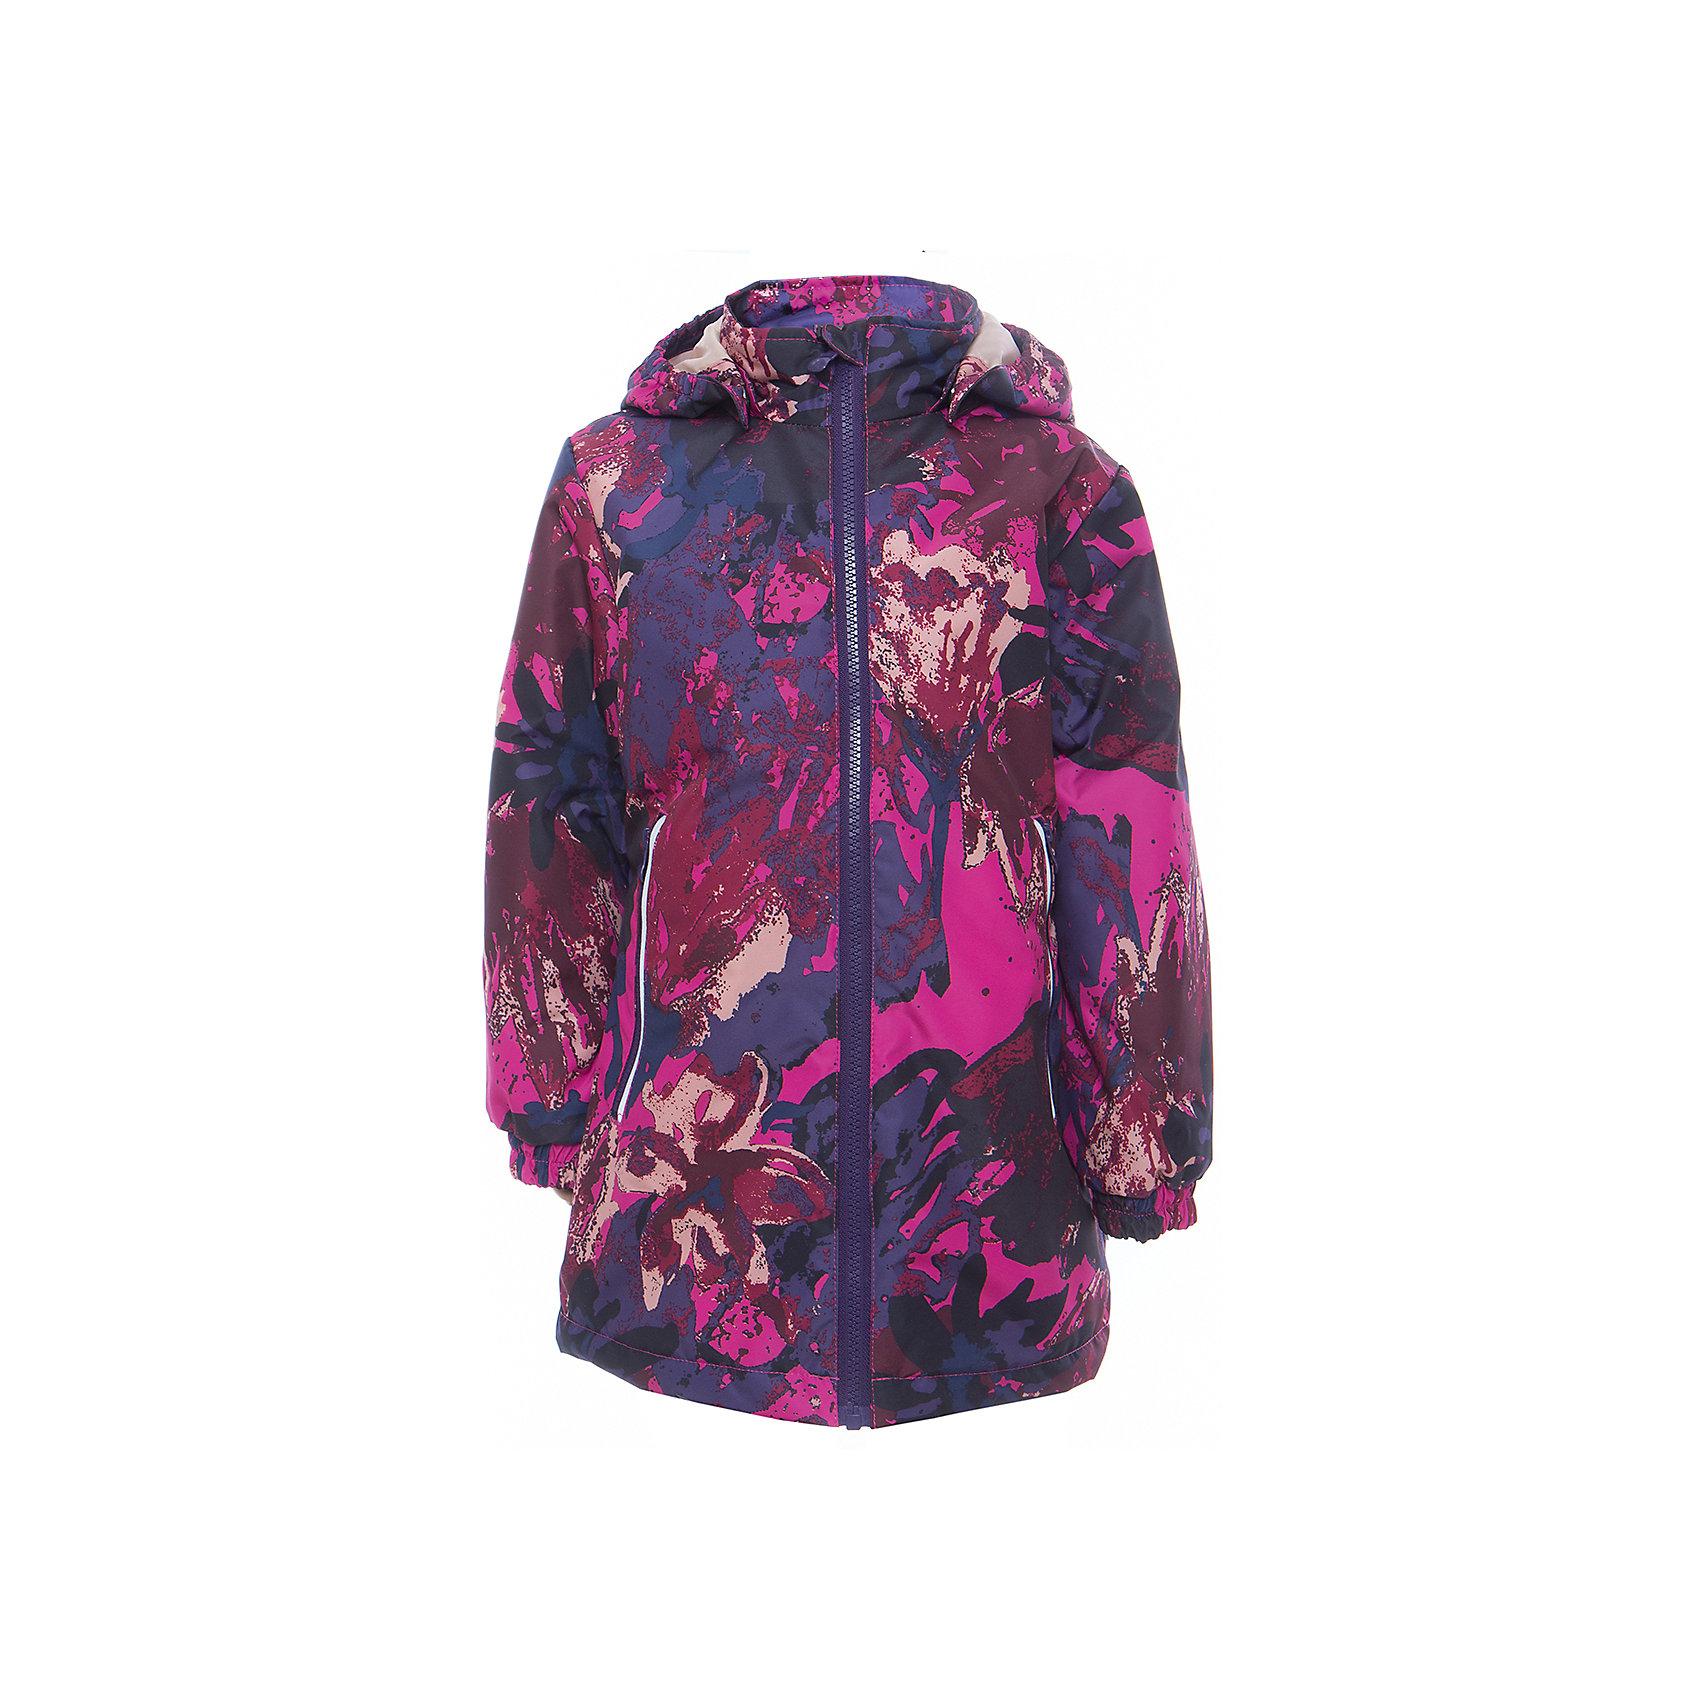 Куртка для девочки JUNE HuppaДемисезонные куртки<br>Характеристики товара:<br><br>• цвет: фуксия принт<br>• ткань: 100% полиэстер<br>• подкладка: тафта - 100% полиэстер<br>• утеплитель: 100% полиэстер 100 г<br>• температурный режим: от -5°С до +10°С<br>• водонепроницаемость: 10000 мм<br>• воздухопроницаемость: 10000 мм<br>• светоотражающие детали<br>• эластичные манжеты<br>• молния с защитой для подбородка<br>• съёмный капюшон с резинкой<br>• карманы на полнии<br>• комфортная посадка<br>• коллекция: весна-лето 2017<br>• страна бренда: Эстония<br><br>Такая легкая и стильная куртка обеспечит детям тепло и комфорт. Она сделана из материала, отталкивающего воду, и дополнено подкладкой с утеплителем, поэтому изделие идеально подходит для межсезонья. Материал изделия - с мембранной технологией: защищая от влаги и ветра, он легко выводит лишнюю влагу наружу. Для удобства сделан капюшон. Куртка очень симпатично смотрится, яркая расцветка и крой добавляют ему оригинальности. Модель была разработана специально для детей.<br><br>Одежда и обувь от популярного эстонского бренда Huppa - отличный вариант одеть ребенка можно и комфортно. Вещи, выпускаемые компанией, качественные, продуманные и очень удобные. Для производства изделий используются только безопасные для детей материалы. Продукция от Huppa порадует и детей, и их родителей!<br><br>Куртку для девочки JUNE от бренда Huppa (Хуппа) можно купить в нашем интернет-магазине.<br><br>Ширина мм: 356<br>Глубина мм: 10<br>Высота мм: 245<br>Вес г: 519<br>Цвет: фиолетовый<br>Возраст от месяцев: 132<br>Возраст до месяцев: 144<br>Пол: Женский<br>Возраст: Детский<br>Размер: 152,110,128,134,140,146,116,122<br>SKU: 5346874